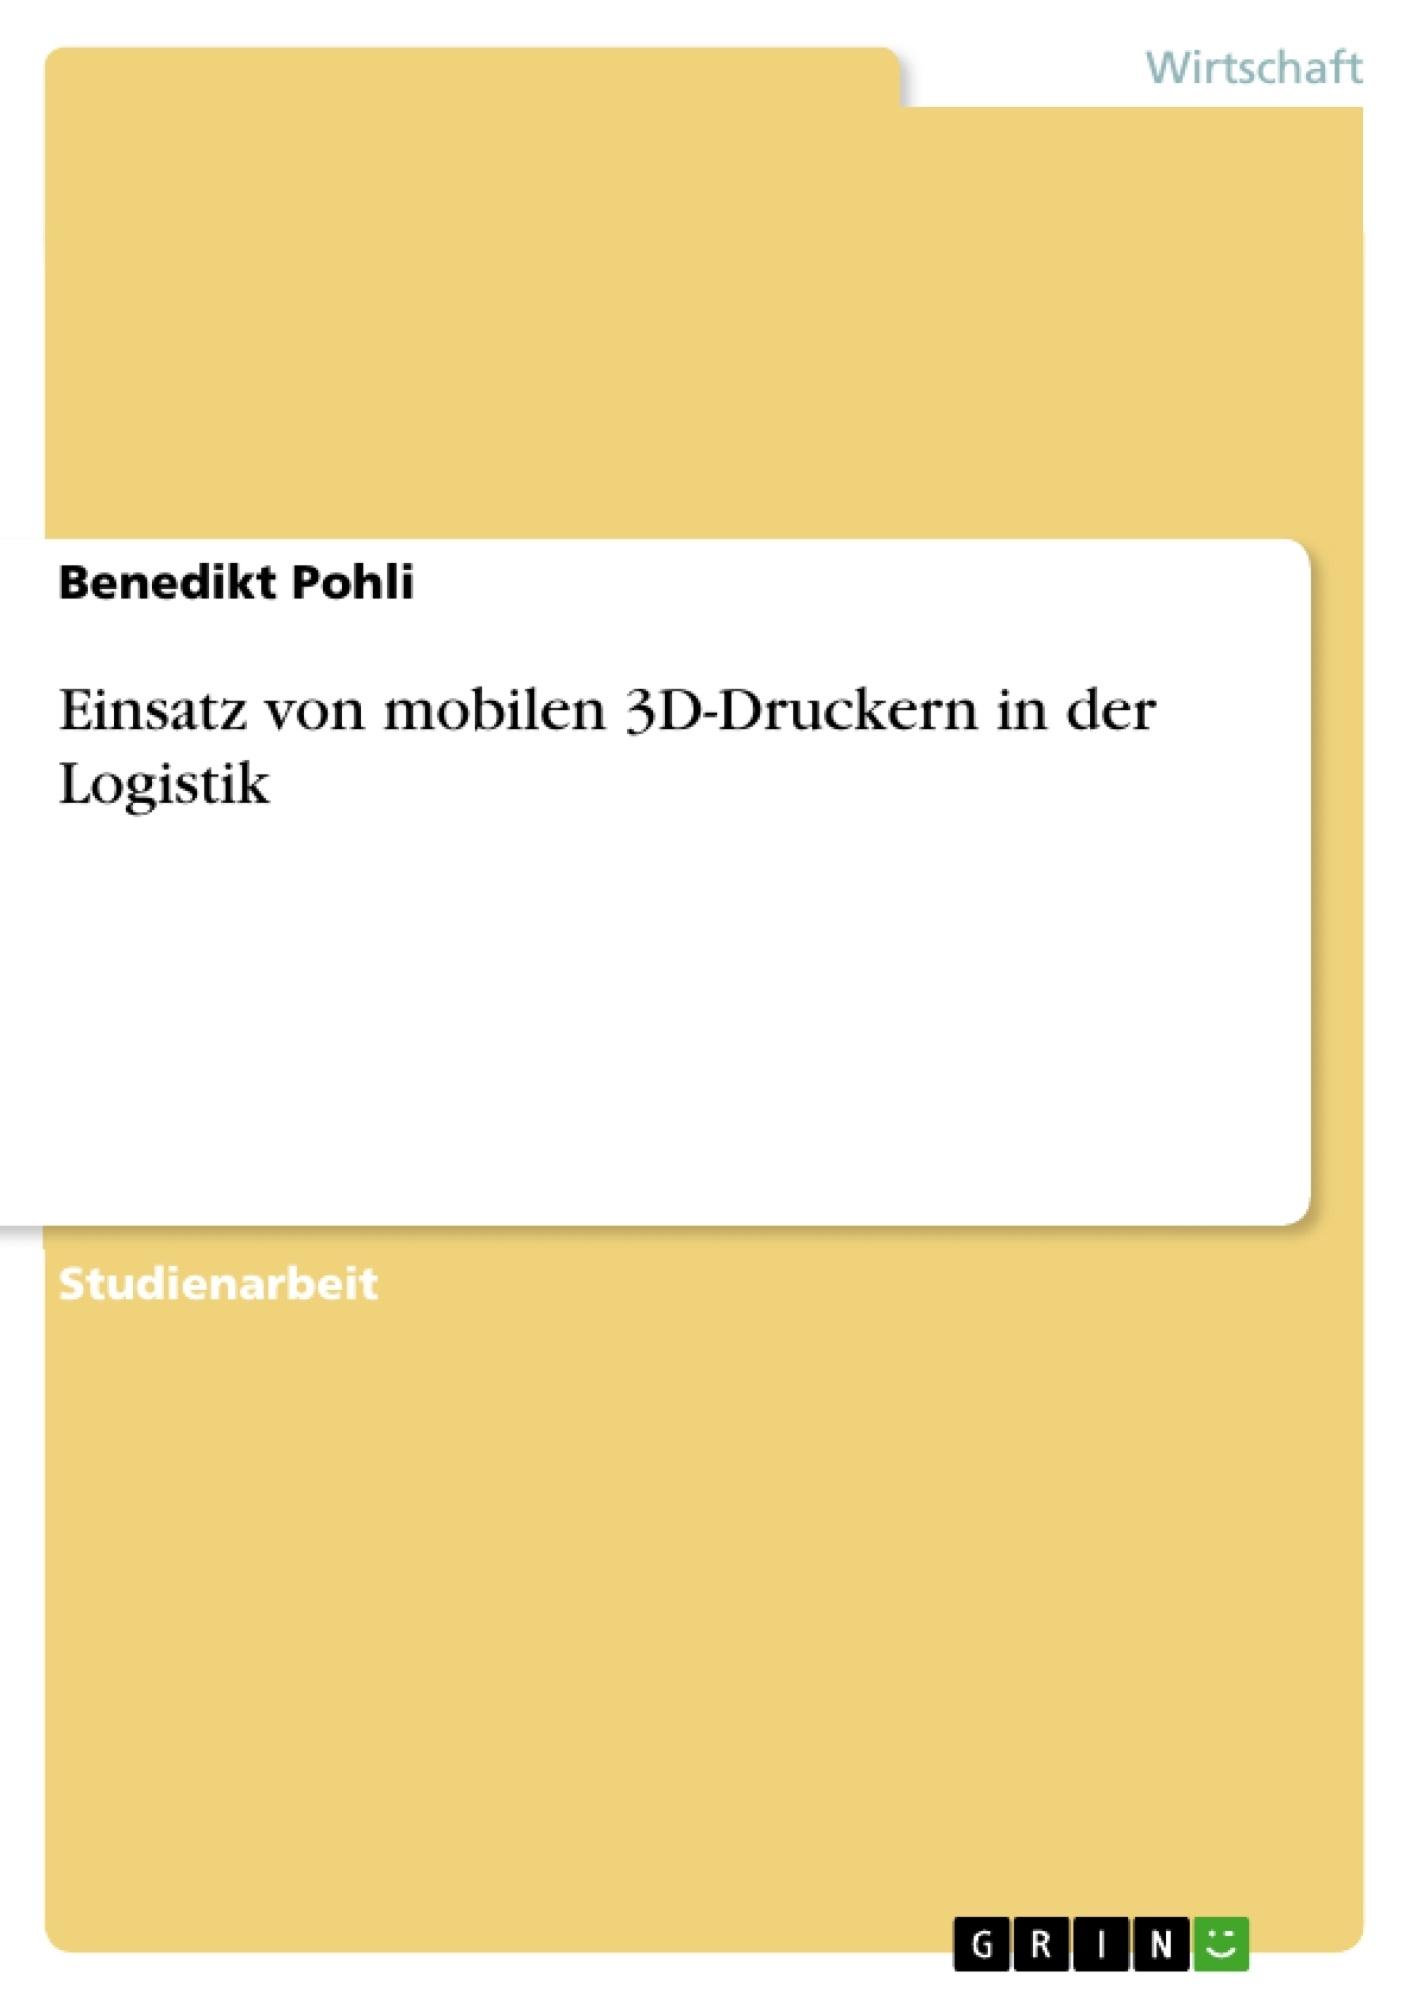 Titel: Einsatz von mobilen 3D-Druckern in der Logistik